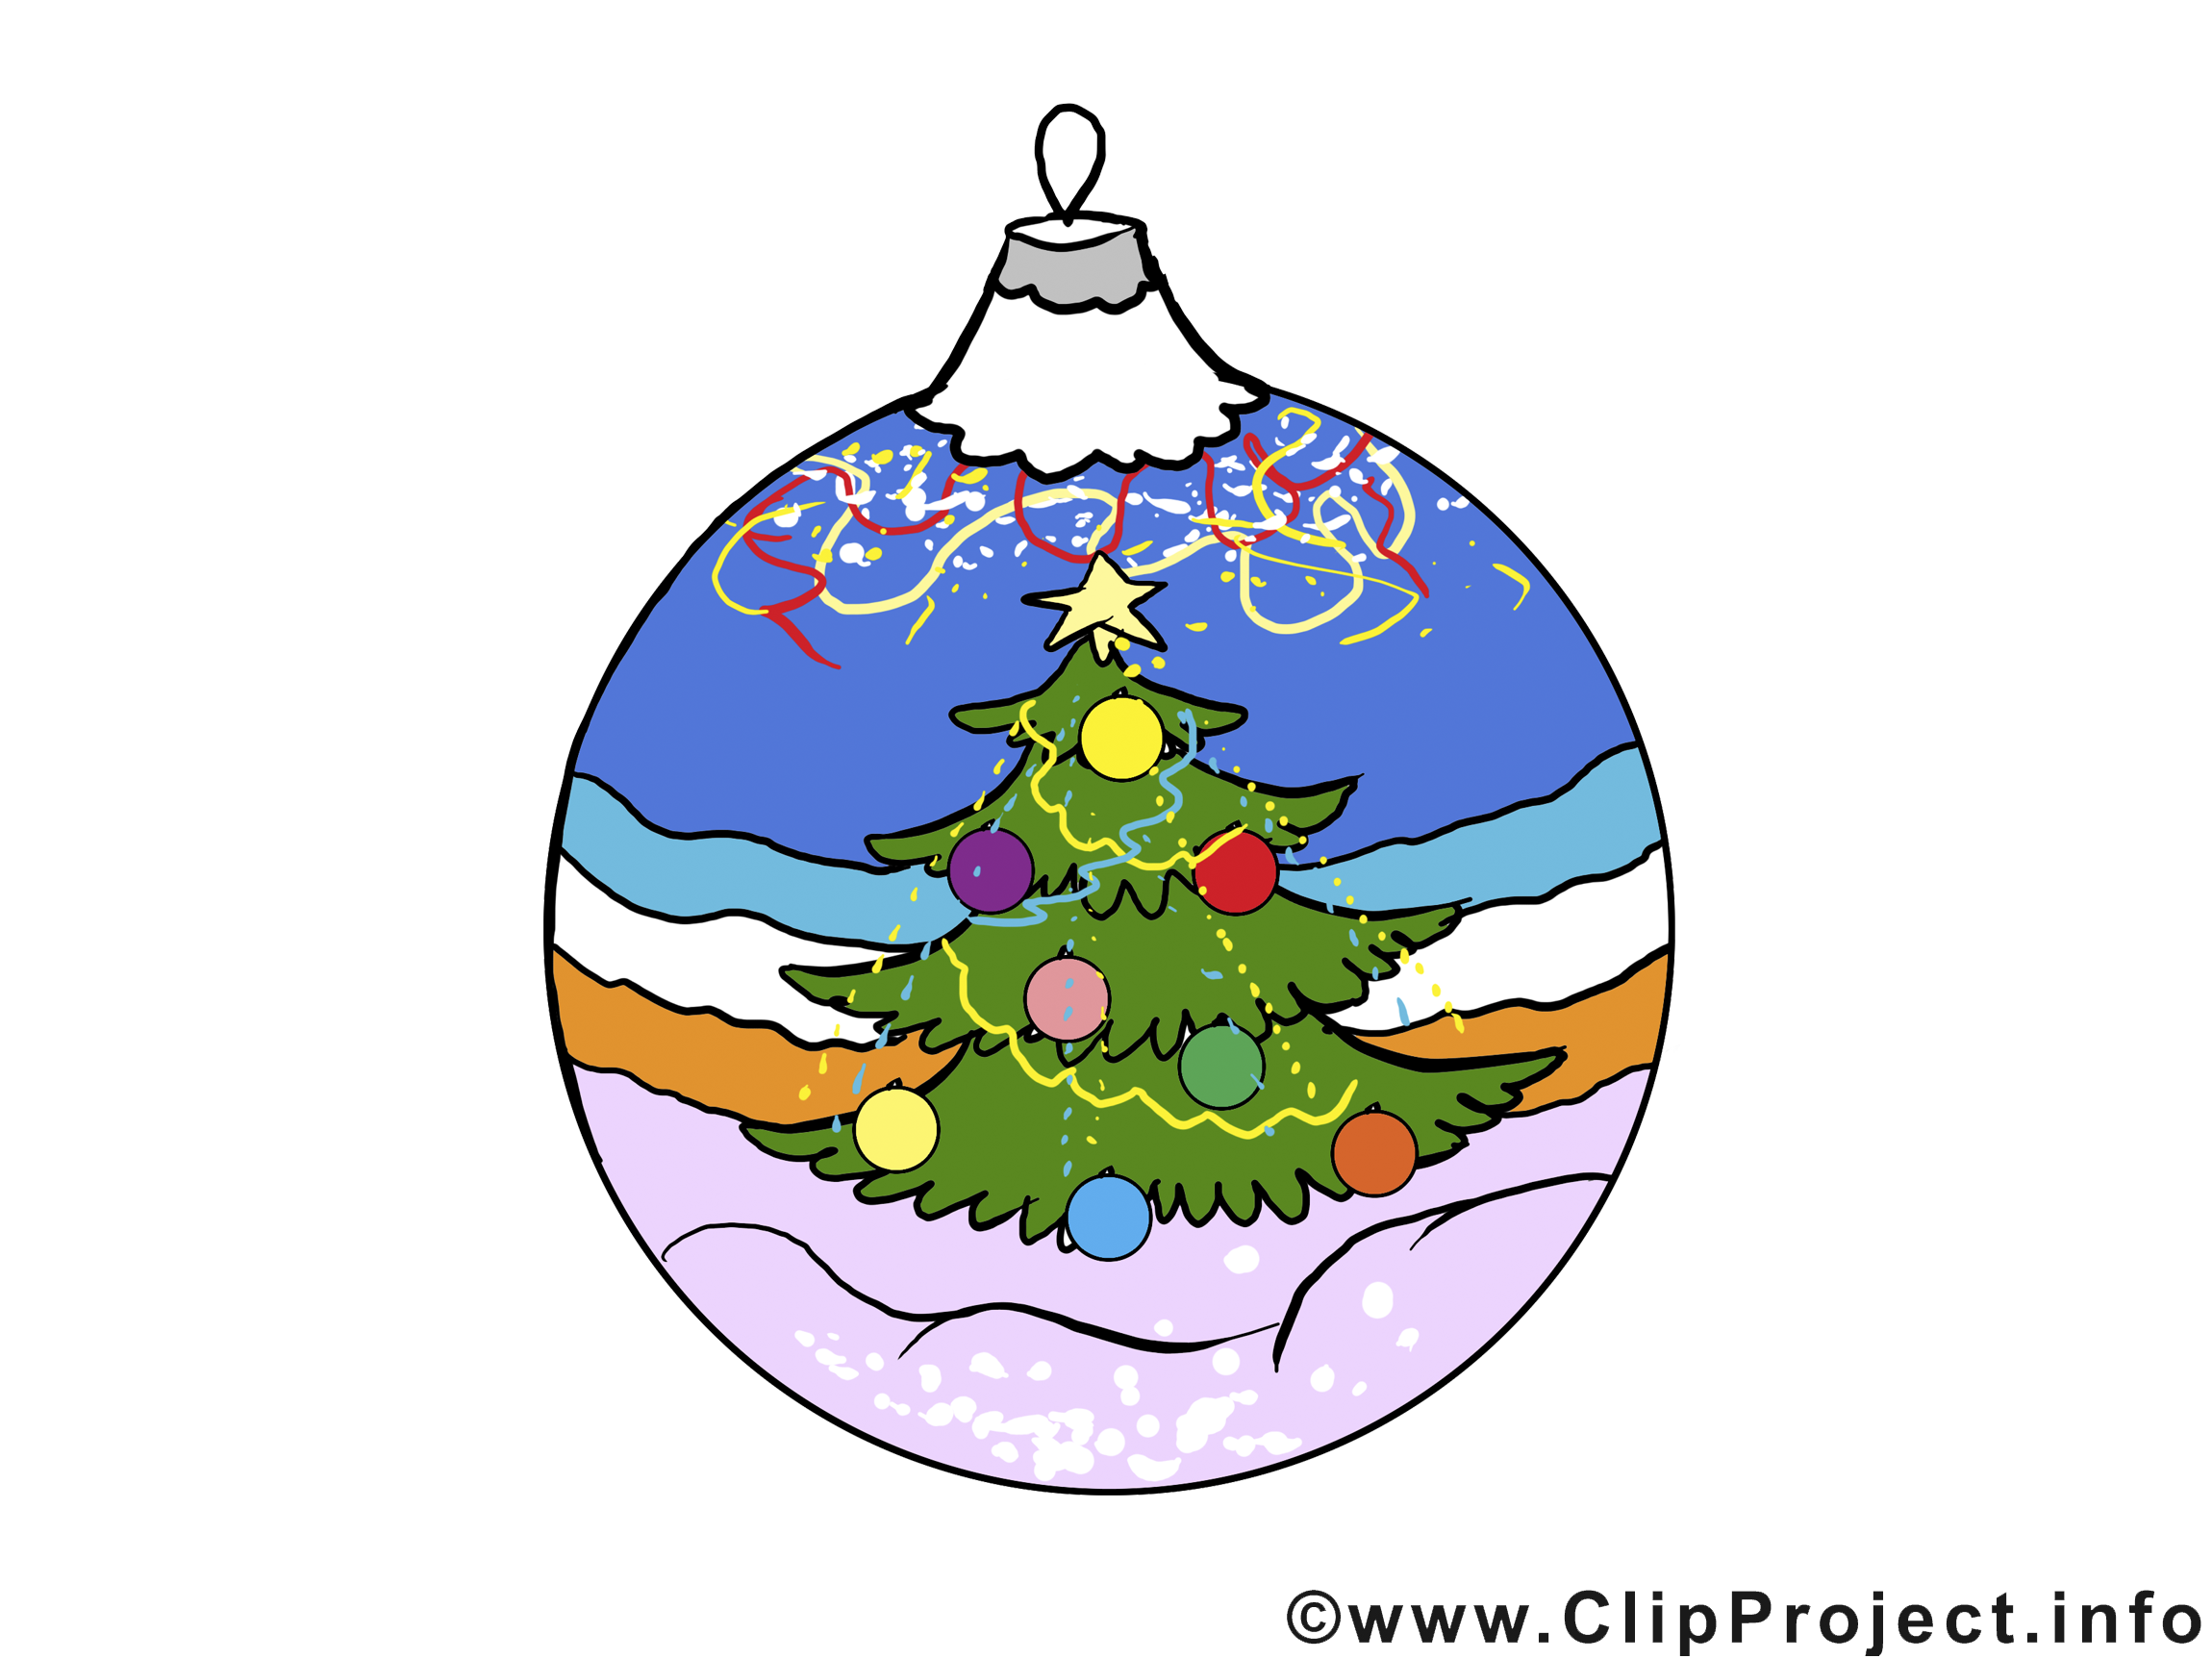 Boule sapin image à télécharger – Bonne année clipart